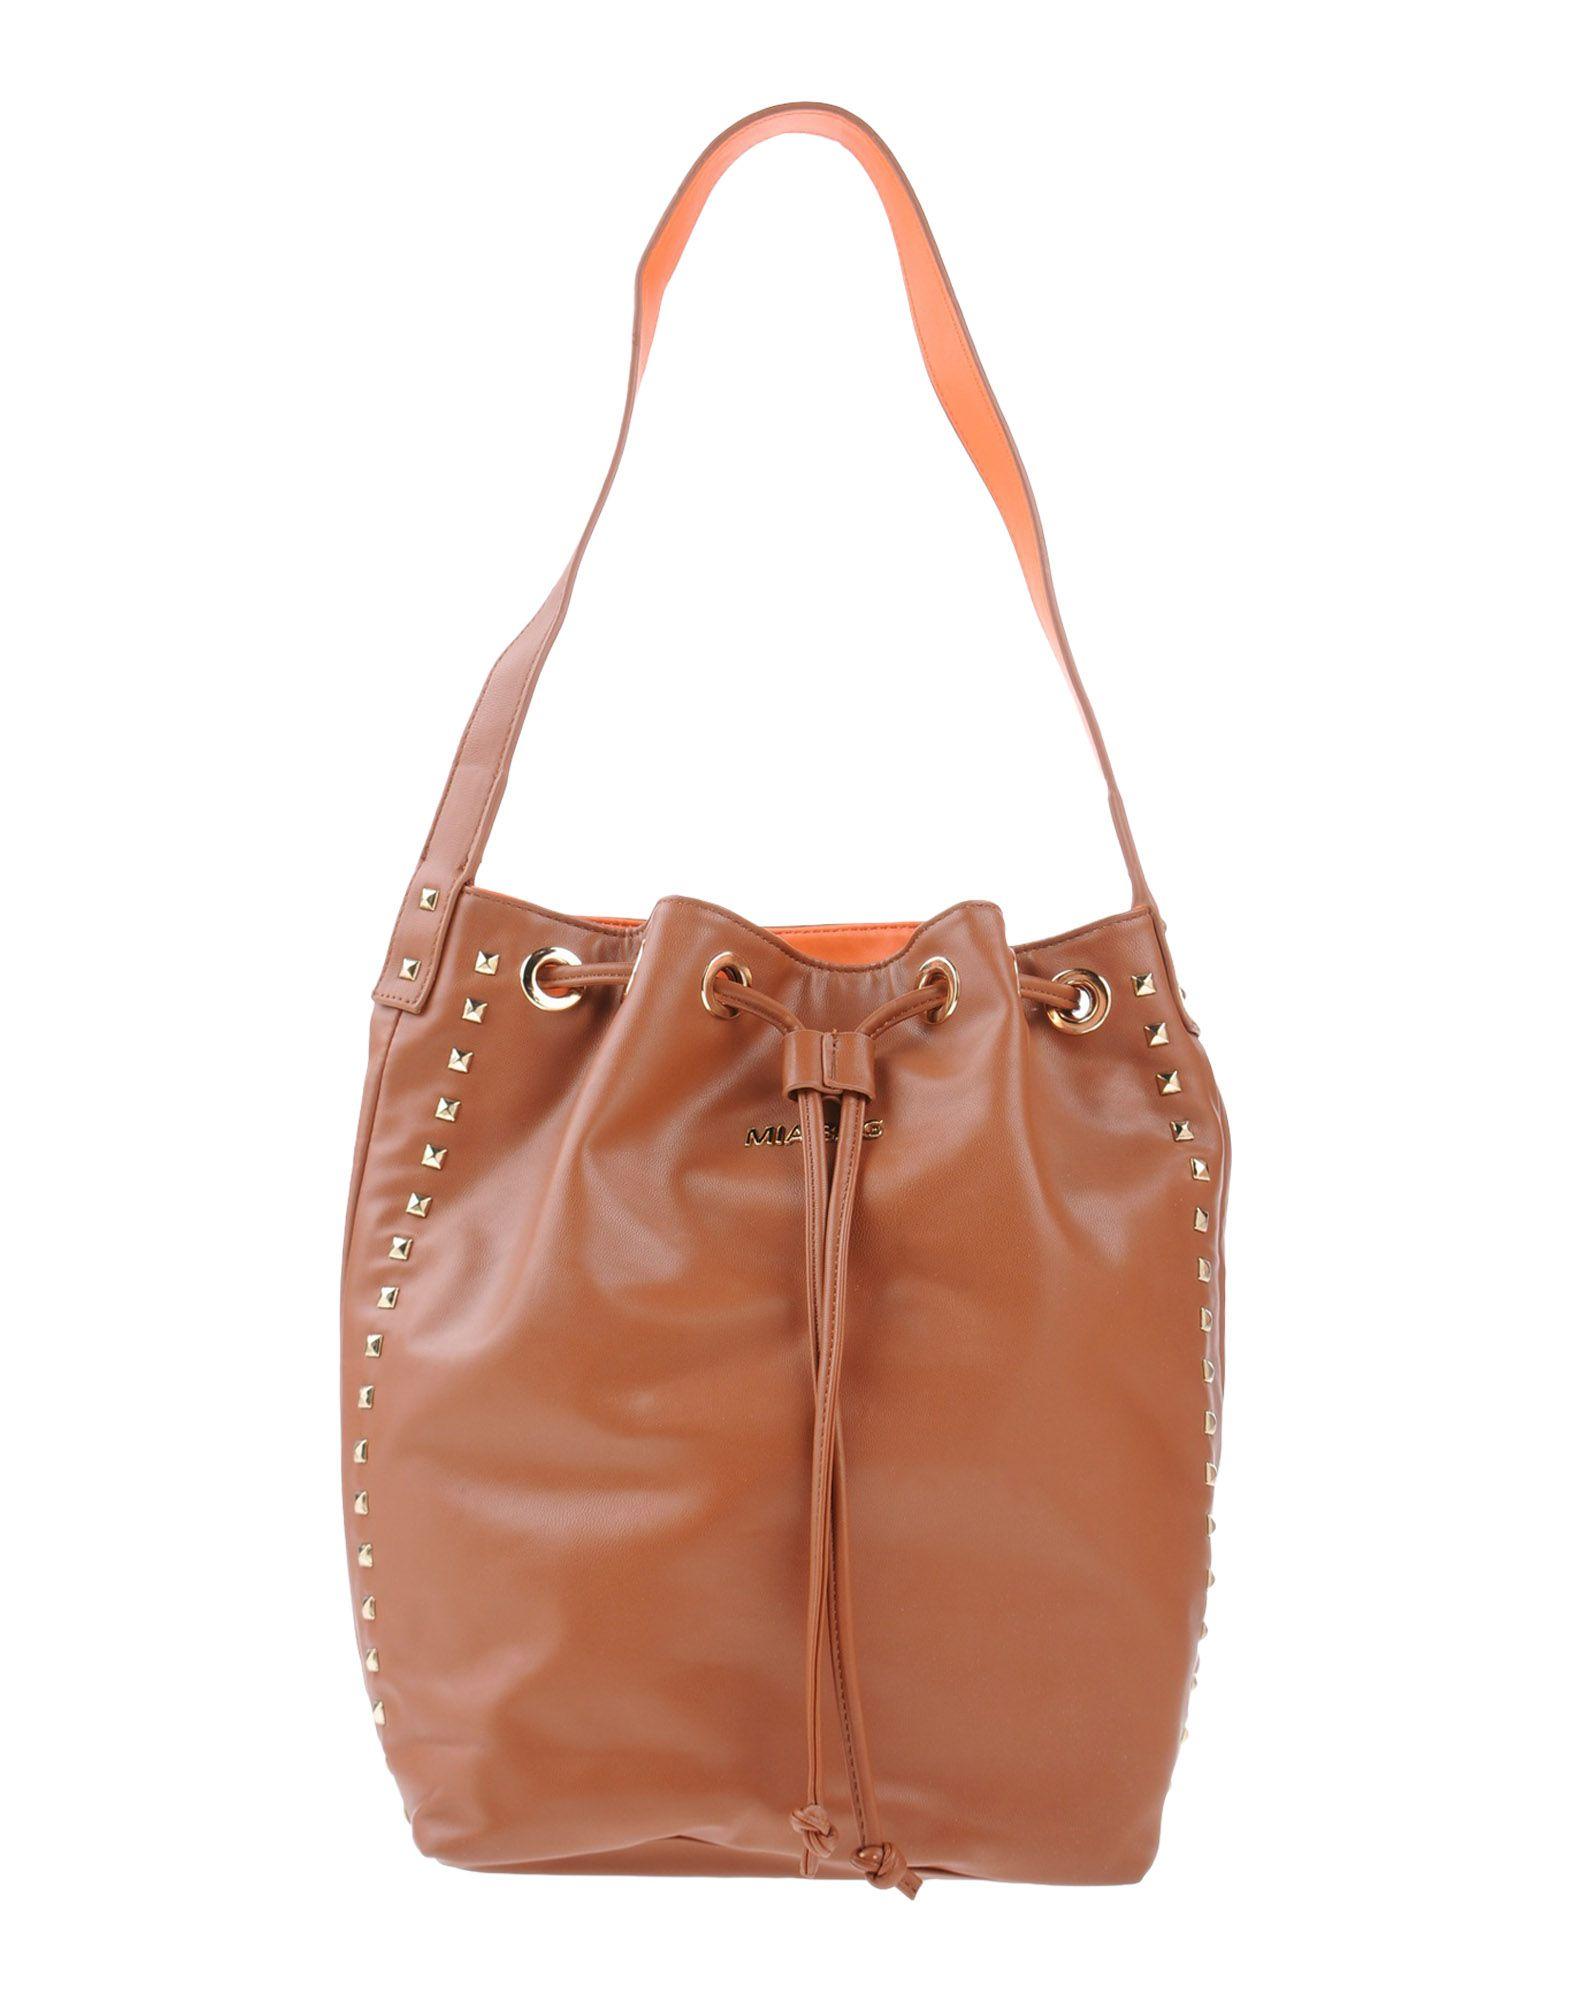 'MIA BAG Handbags